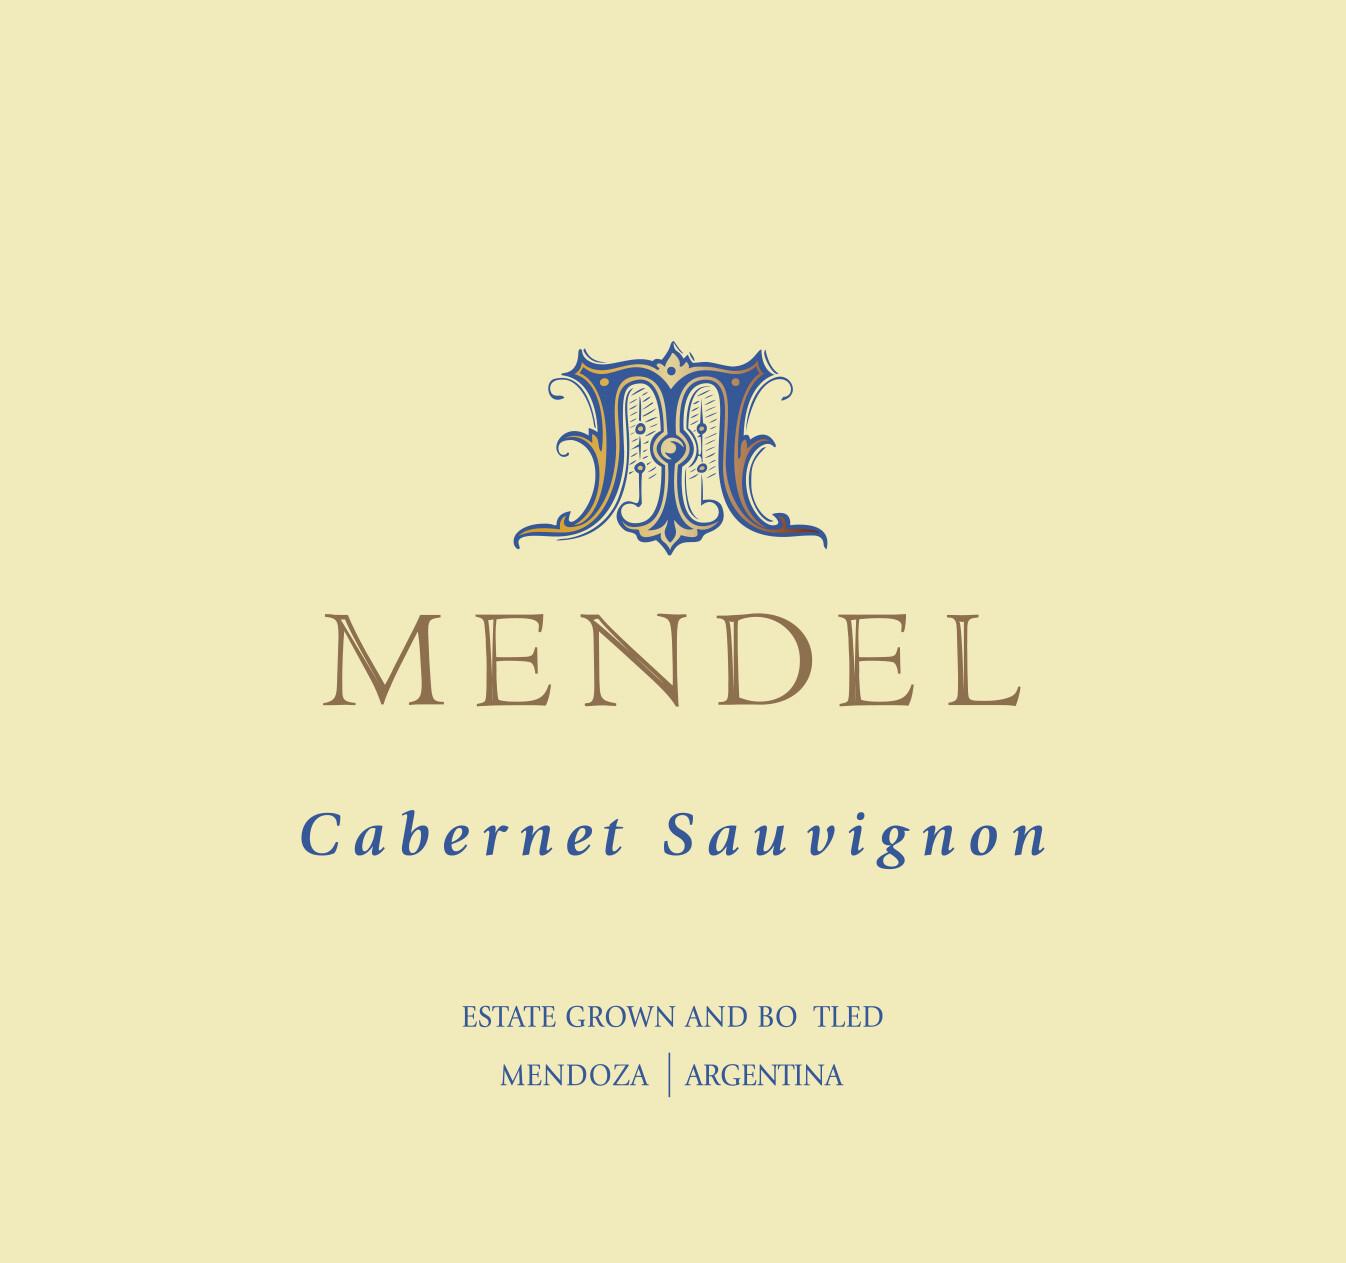 Mendel Cabernet Sauvignon 2012